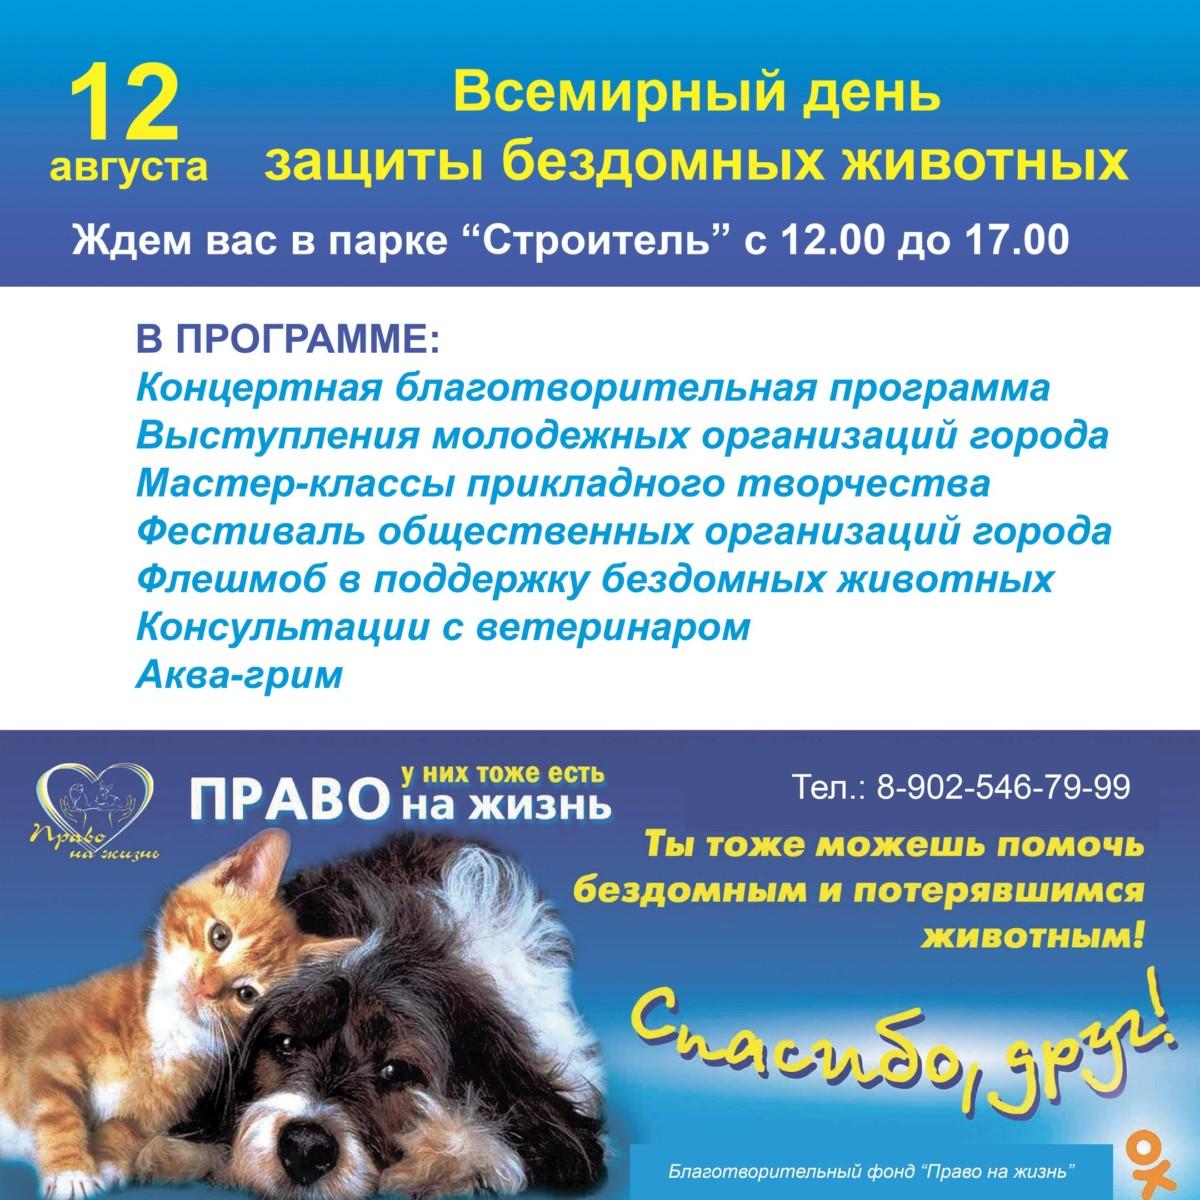 Всемирный день защиты бездомных животных в Ангарске